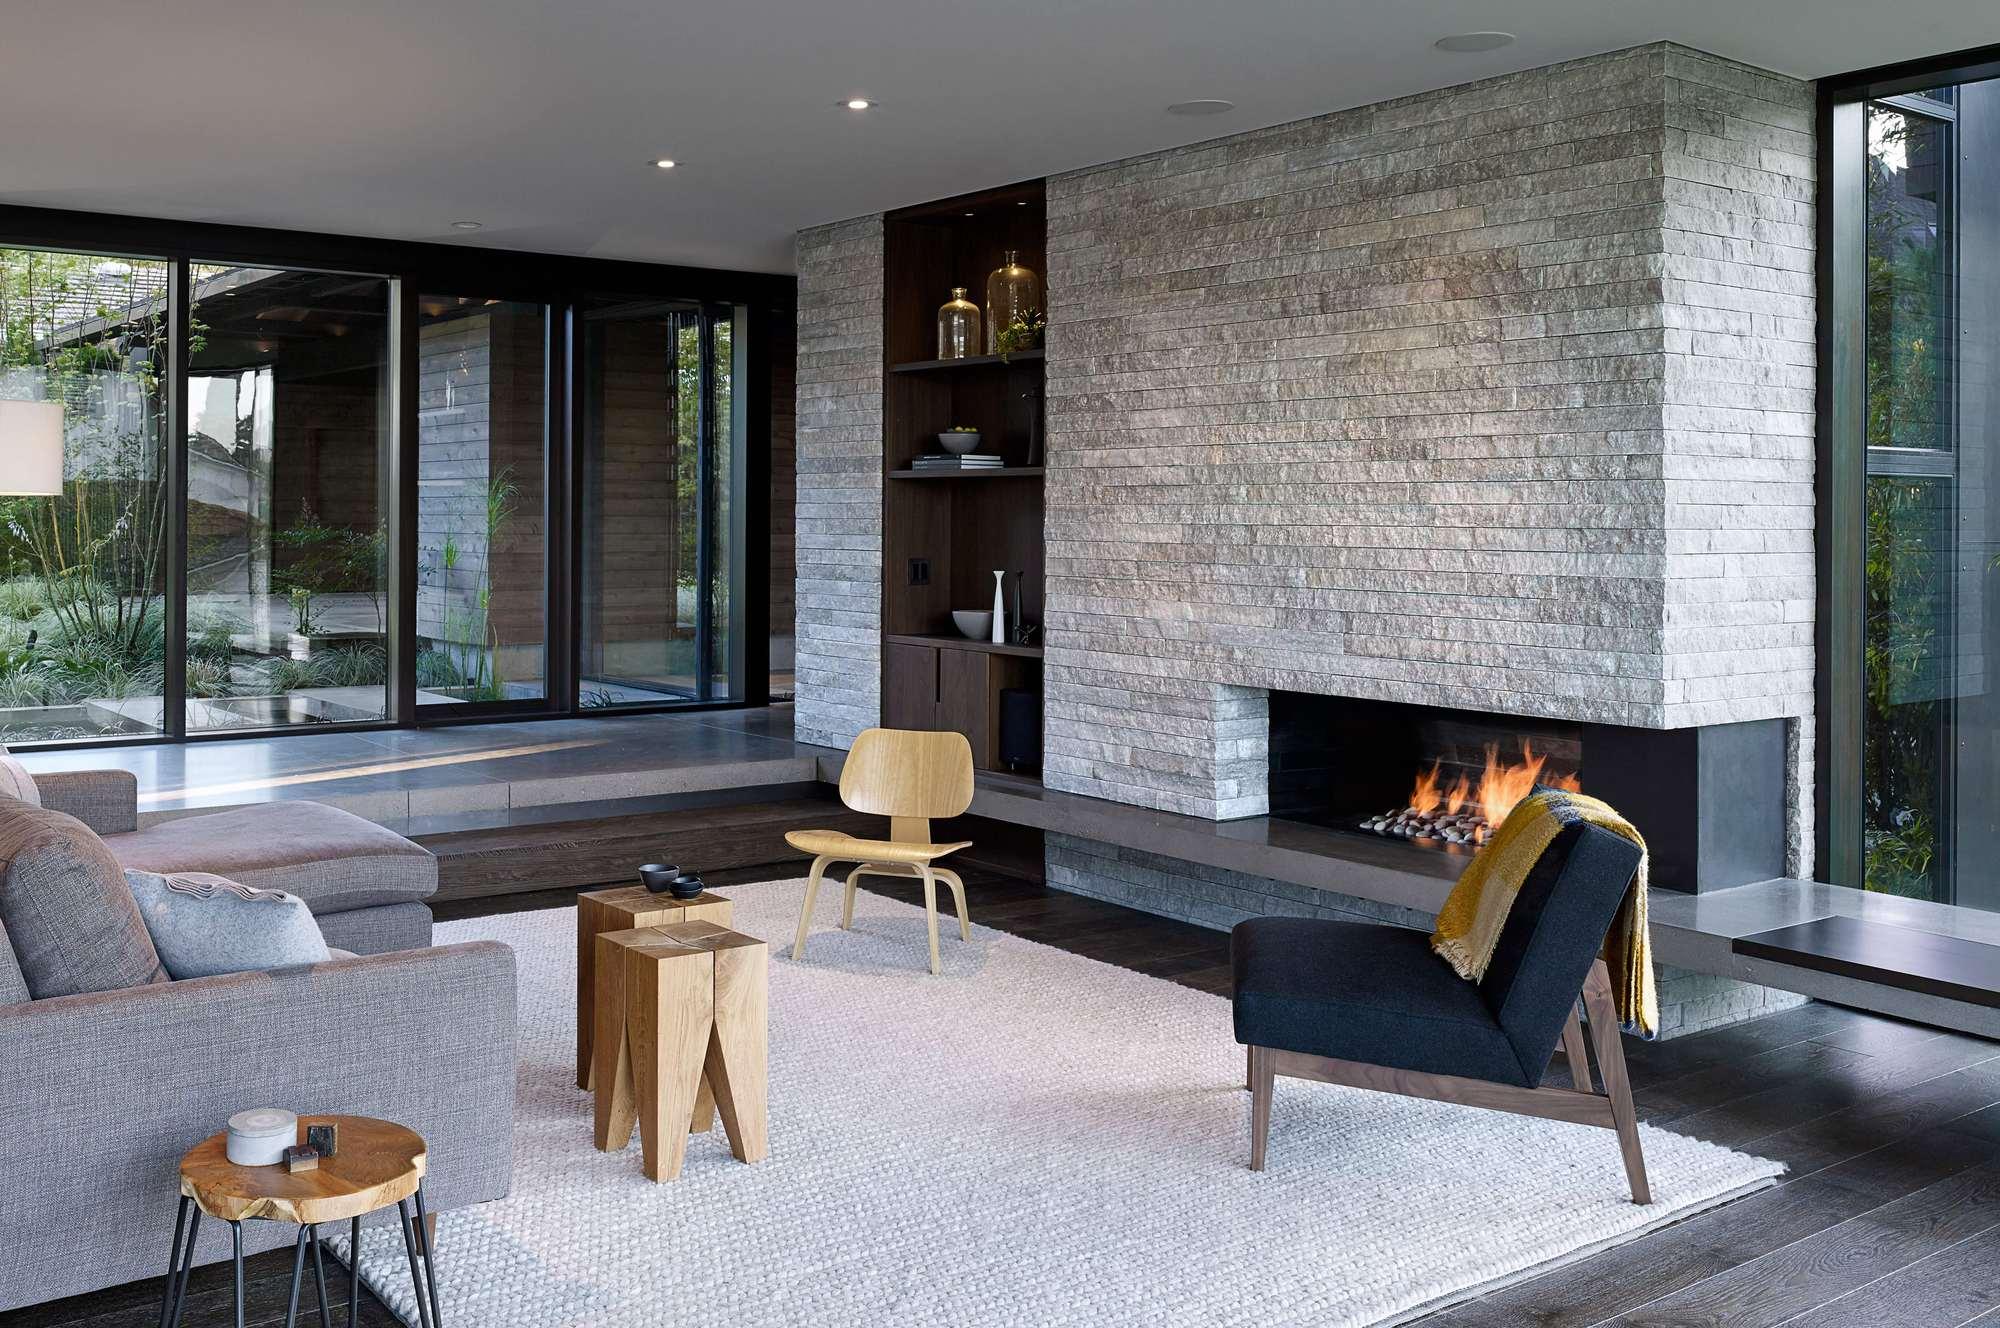 Laurelhurst Midcentury Mw Works Architecture Design